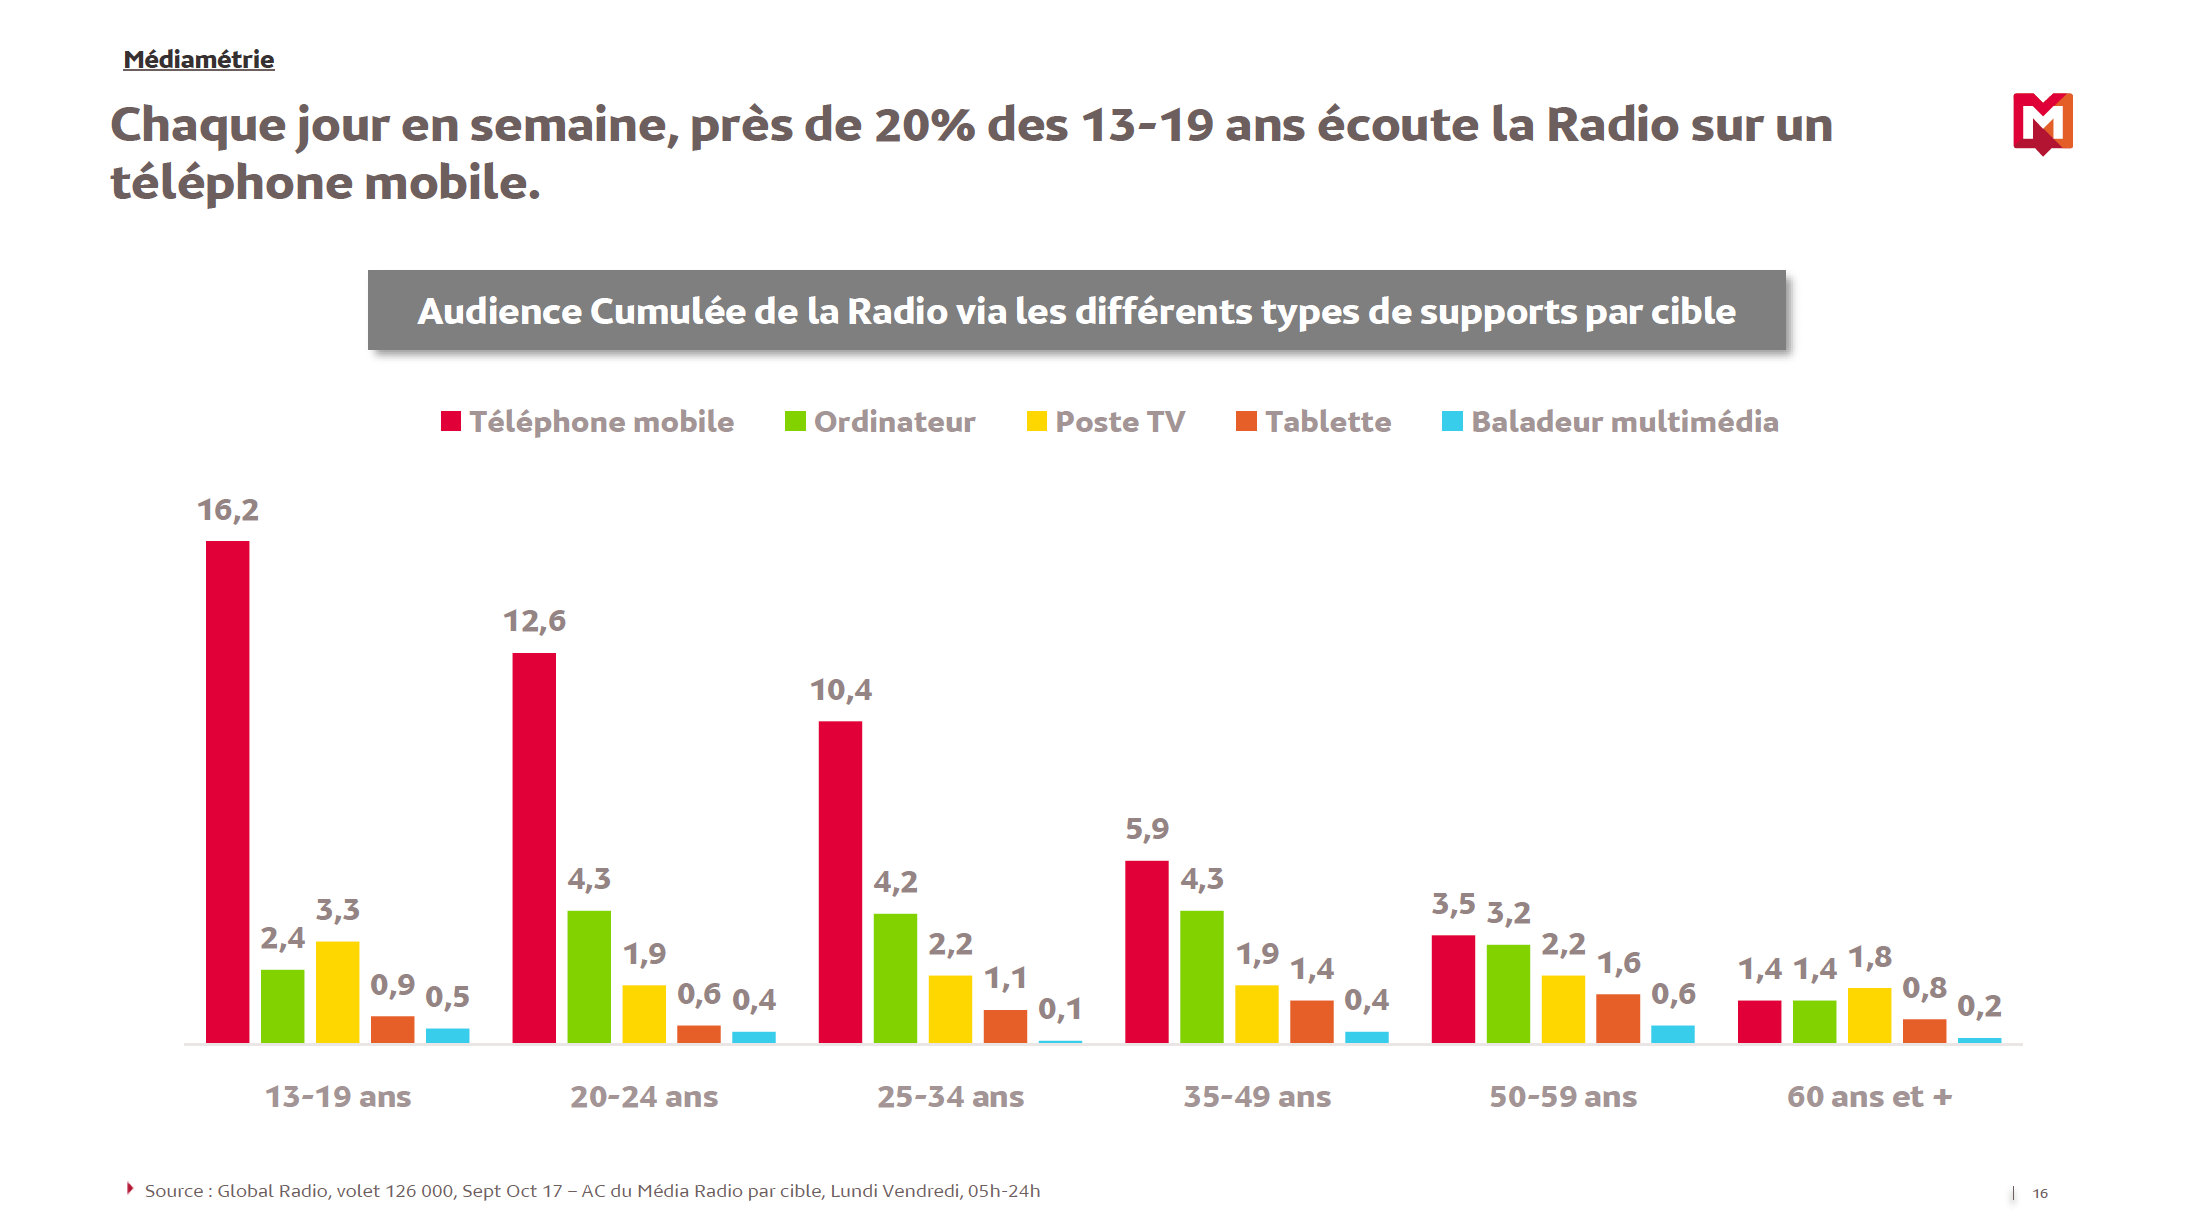 Comment l'auditeur consomme-t-il la radio ?